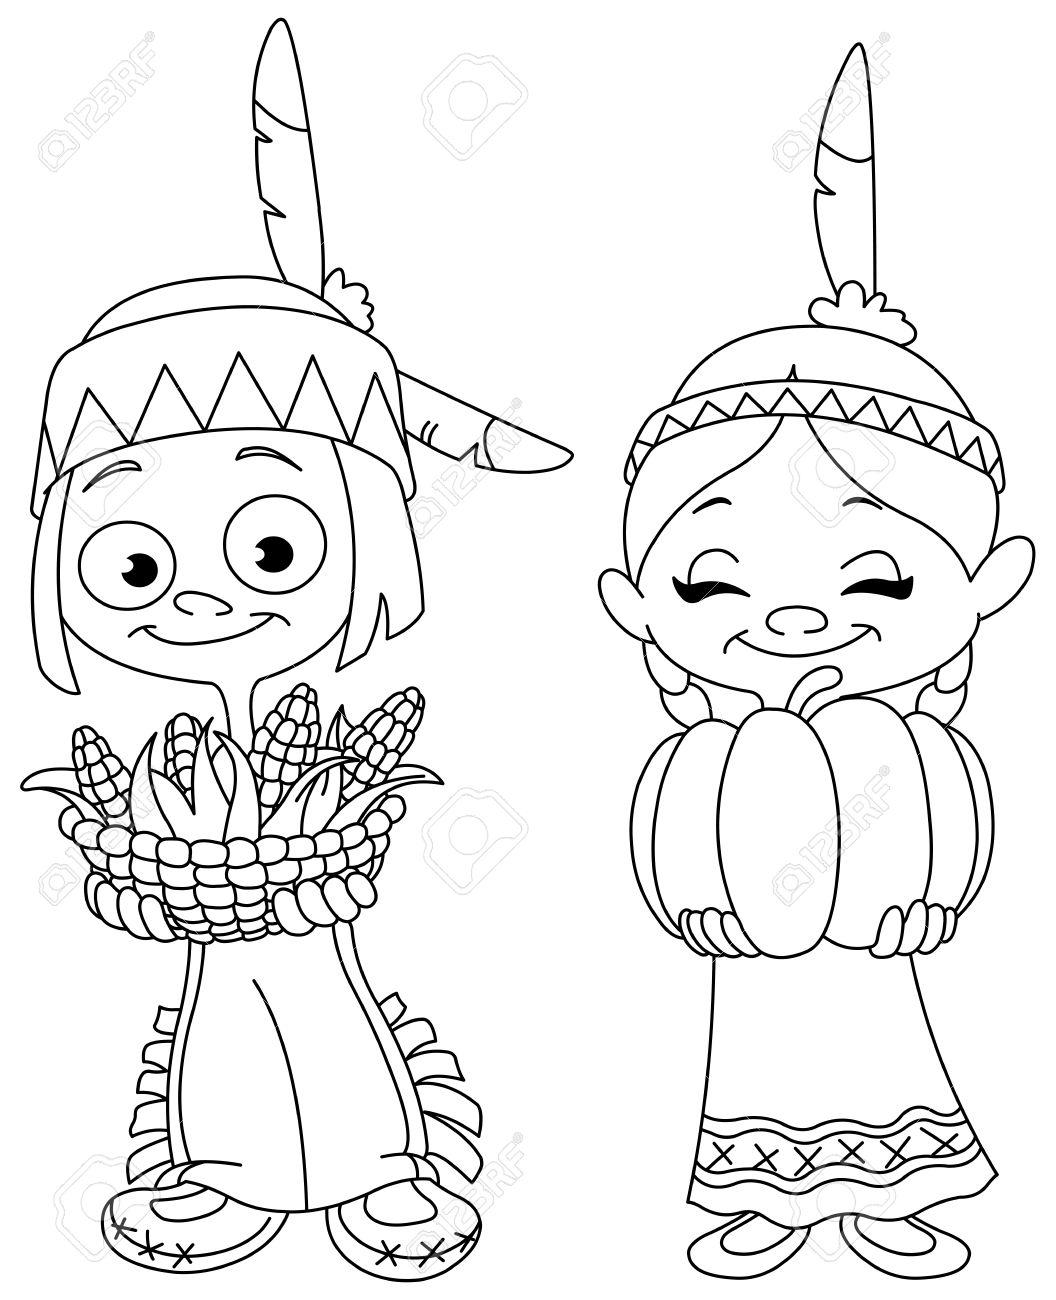 Skizziert American Indian Kinder Im Nahrung Für Thanksgiving. Vektor ...